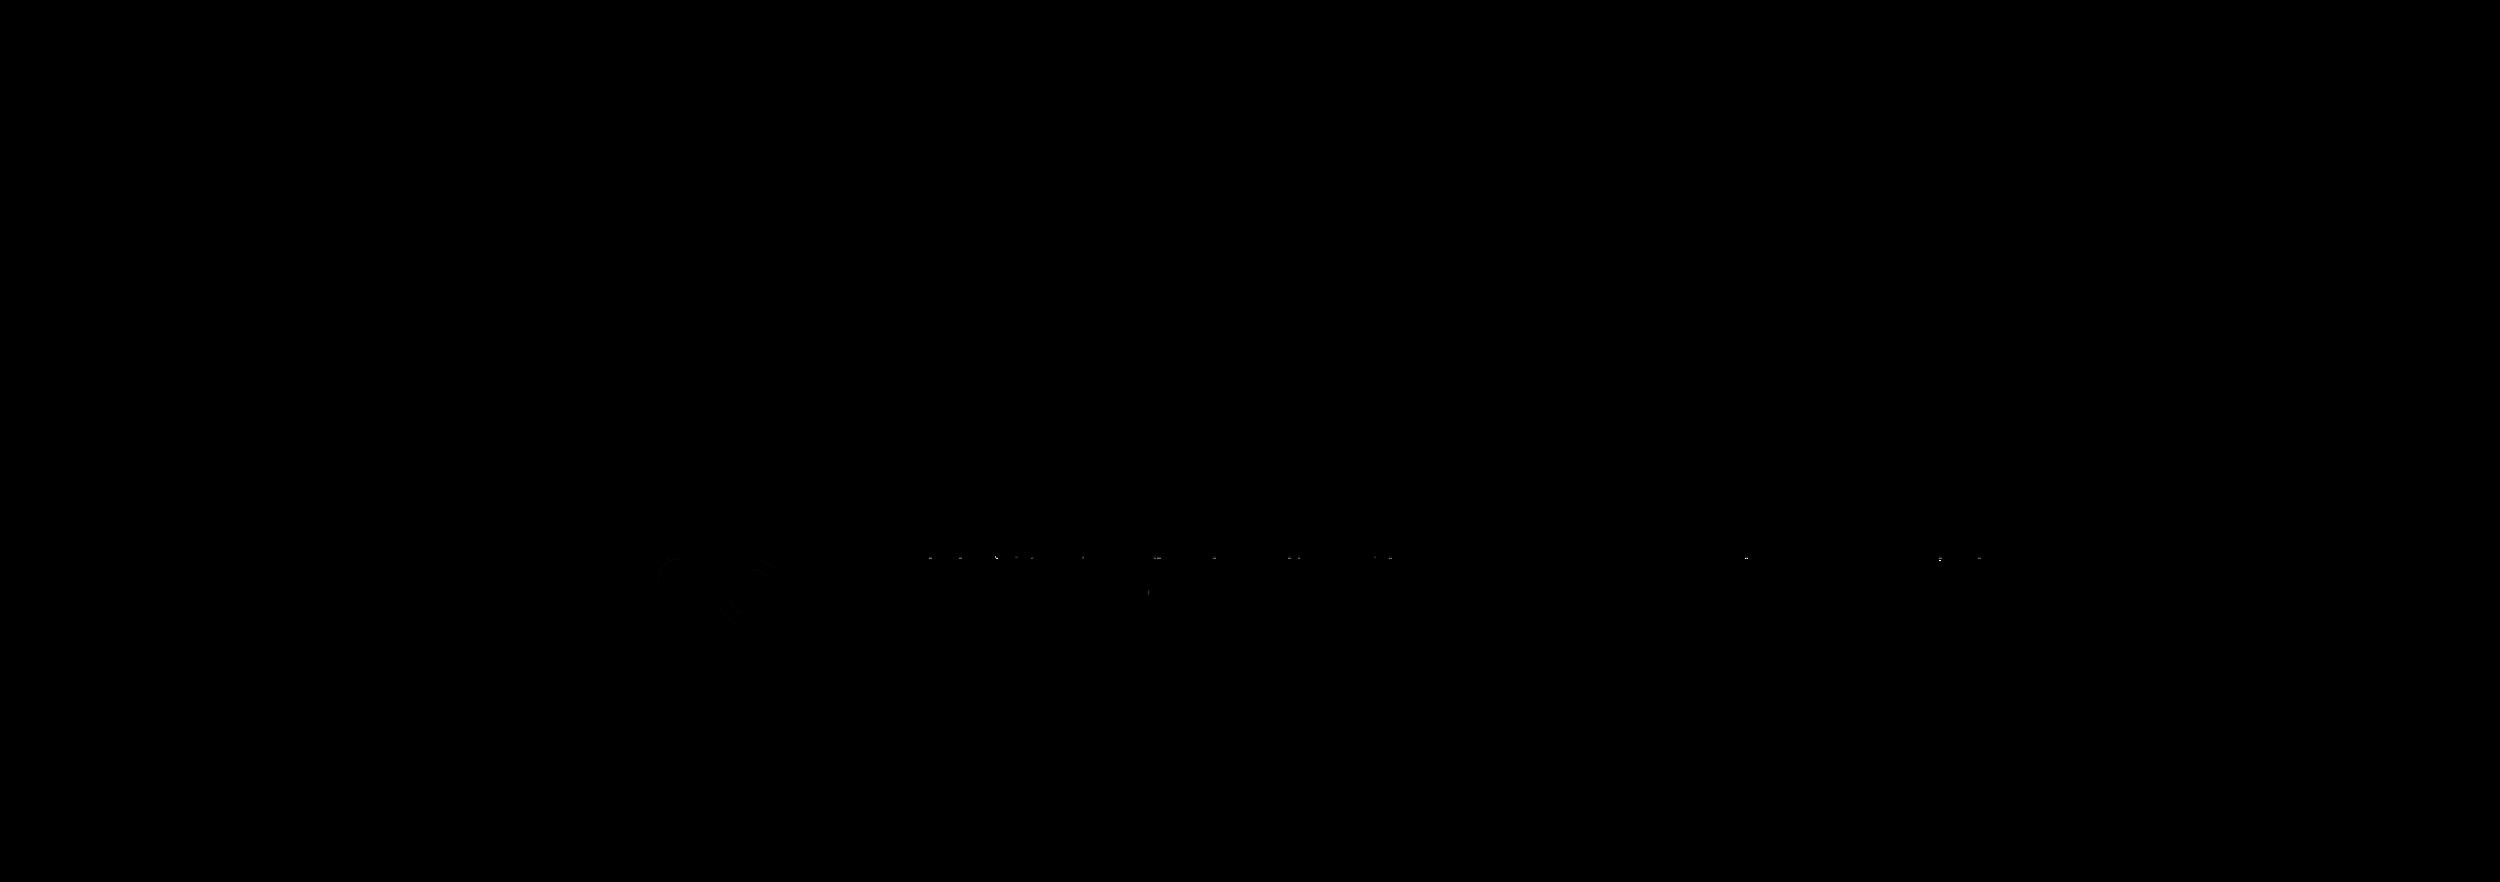 Signature Logo Graphic.png